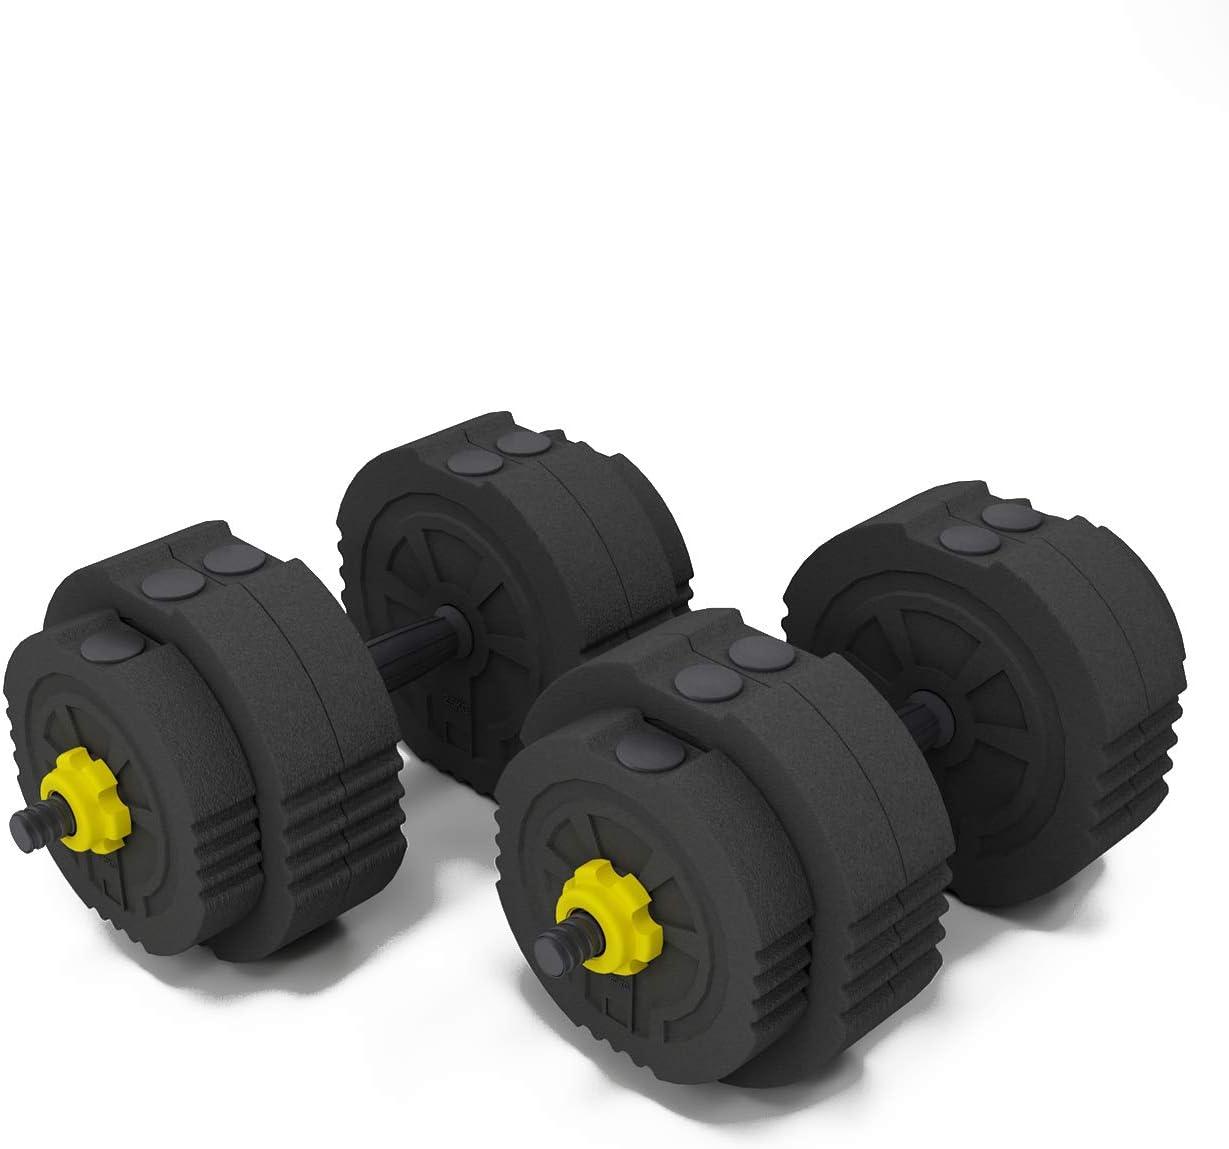 juego de pesas S1-YZWD001-25 utilizado como mancuernas de 25 kg equipo de fitness SOGES Juego de mancuernas ajustables para el hogar entrenamiento con biela